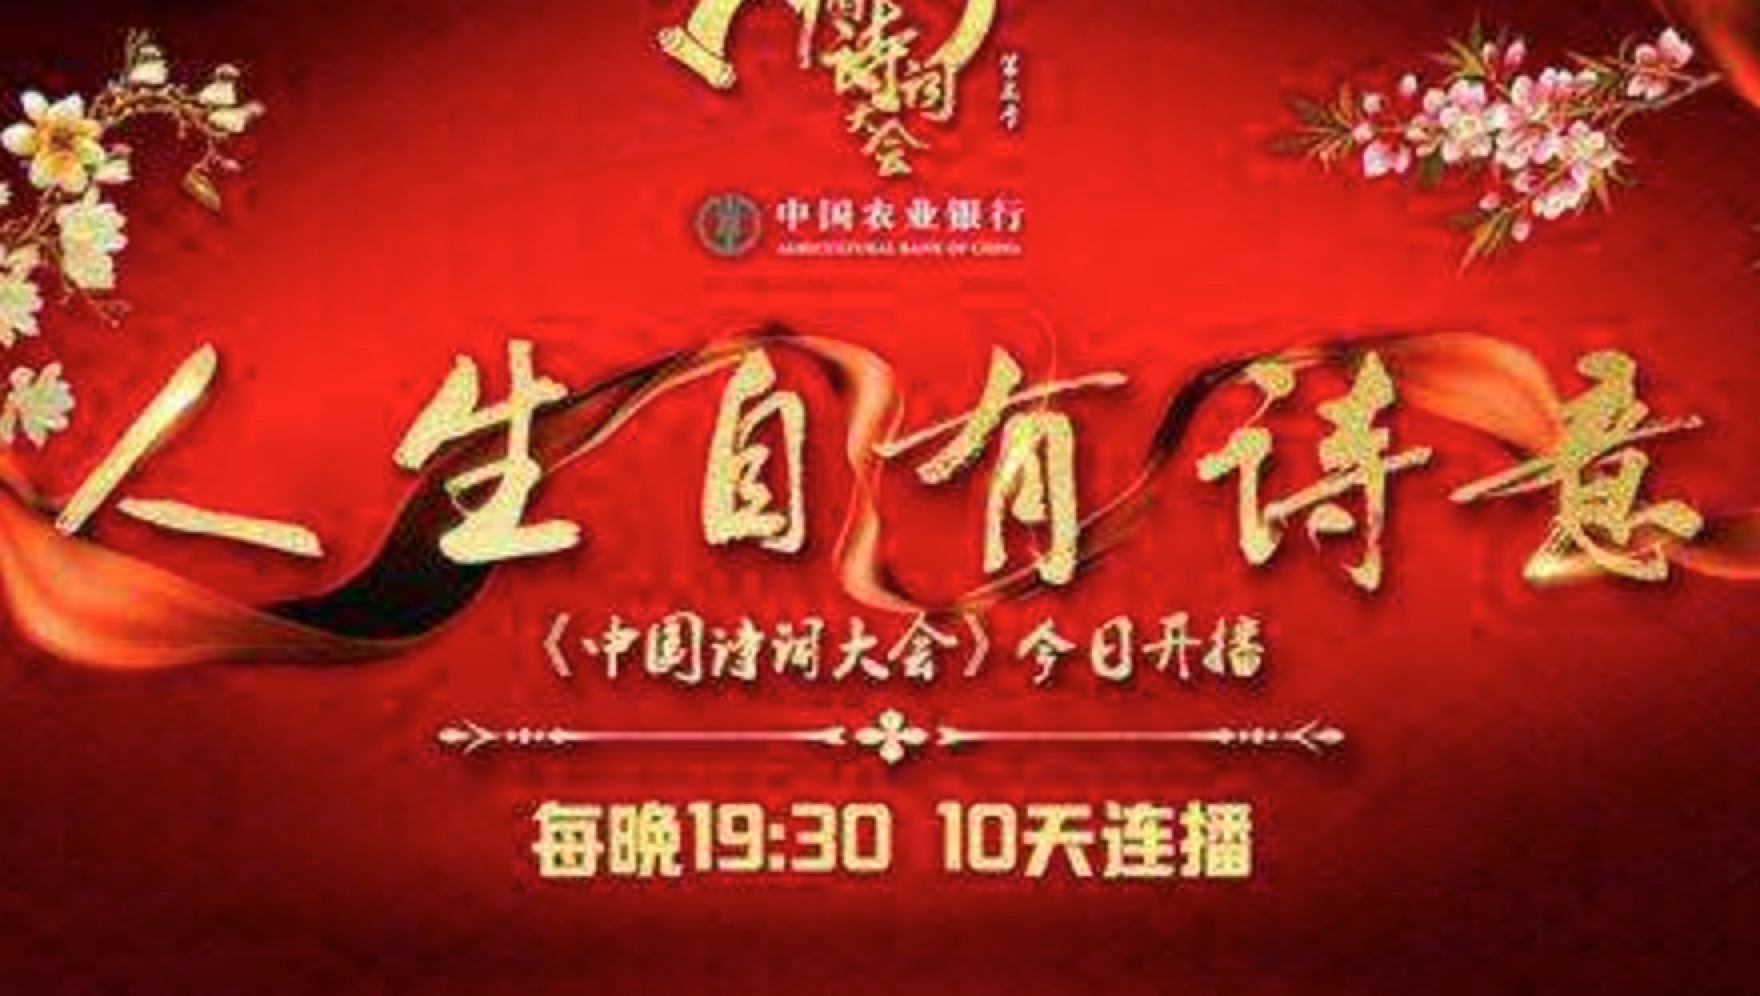 《中国诗词大会》首次纳入鲁迅诗词